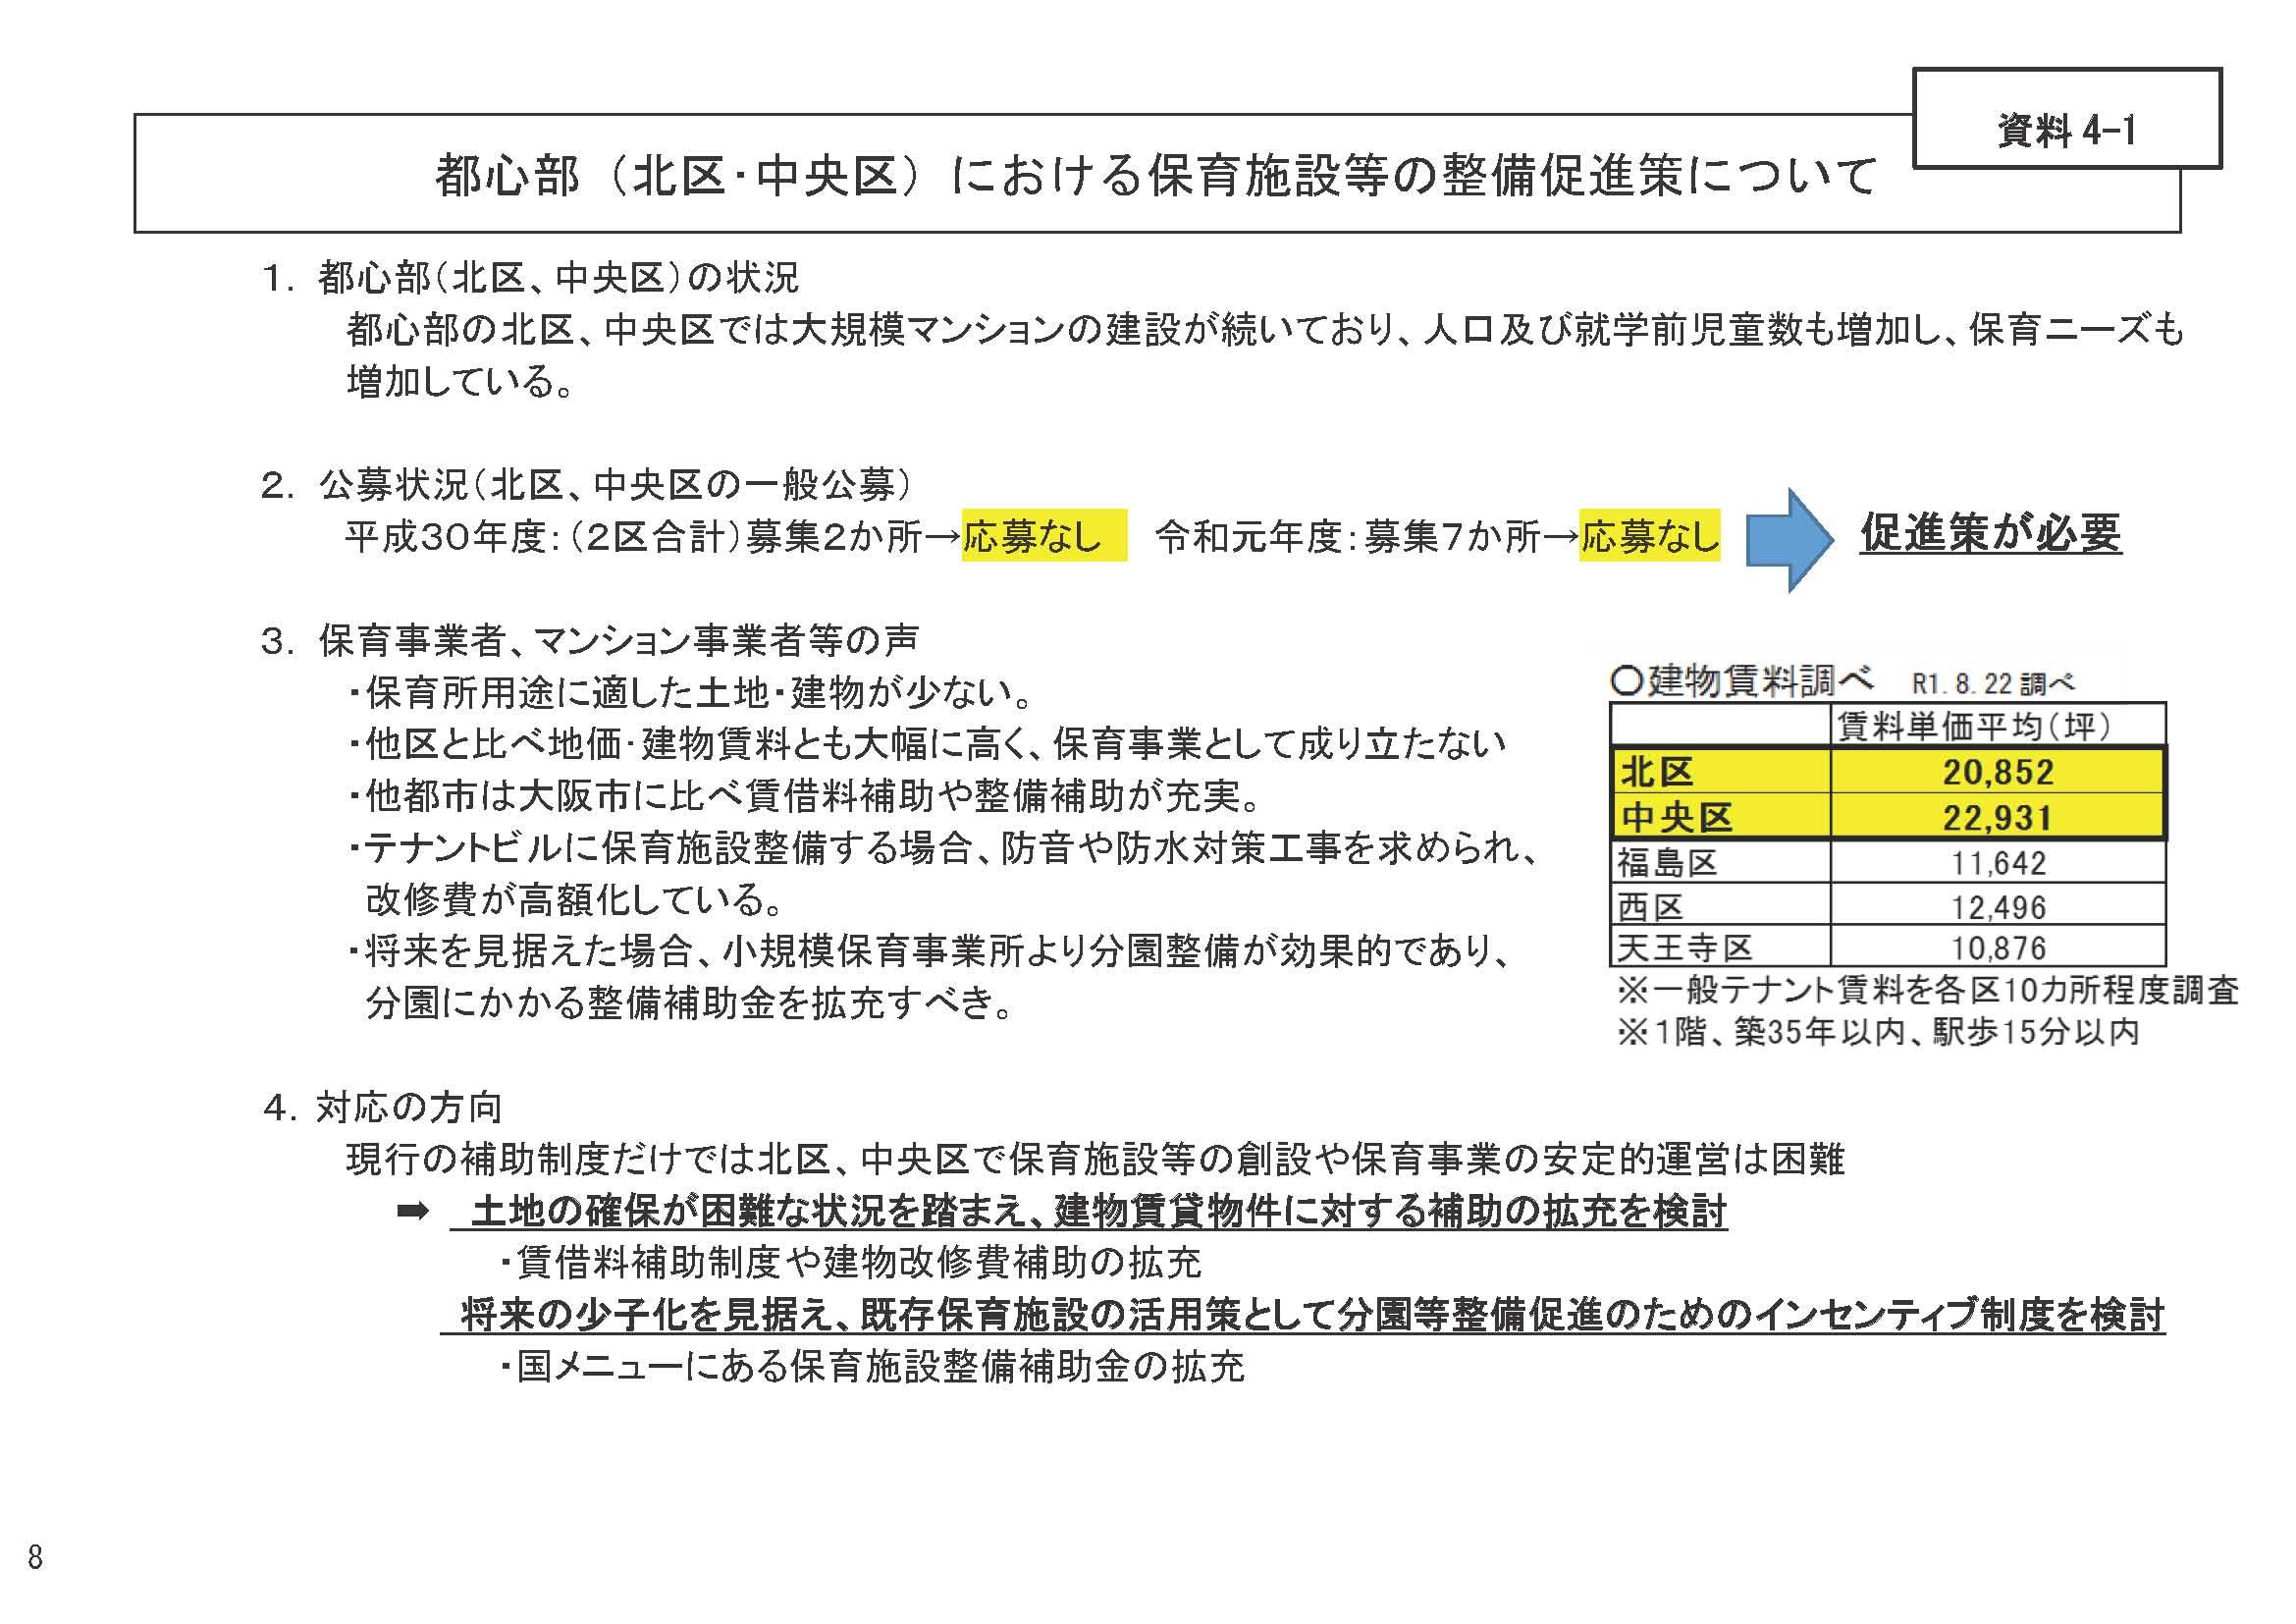 【朝日新聞より】タワマン増加地区で新設保育施設の補助額を最大4.5倍に 大阪市